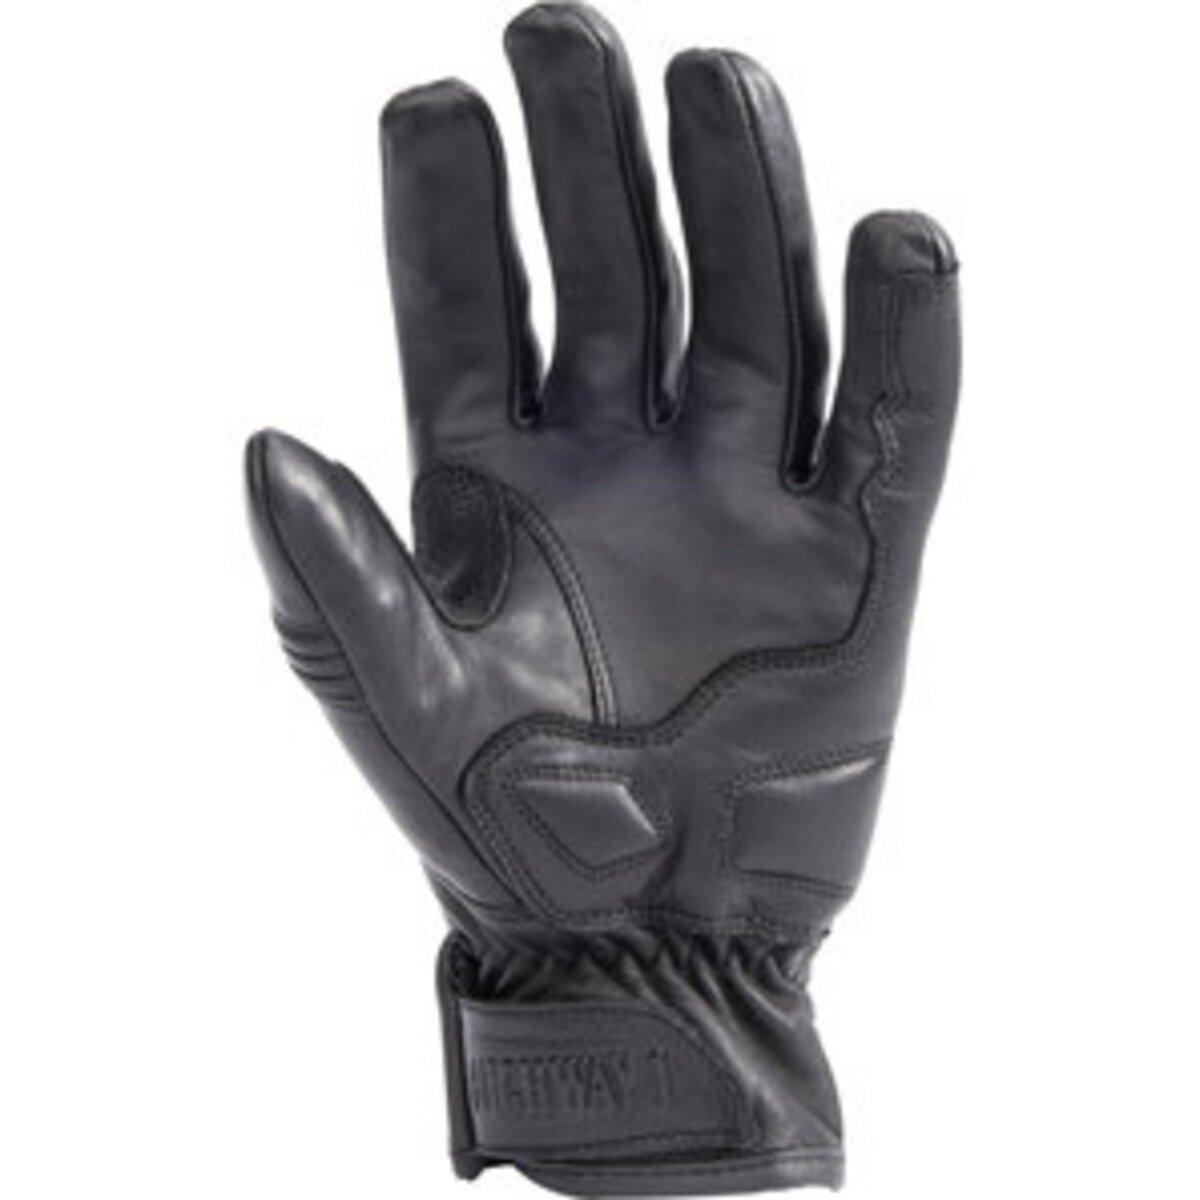 Bild 2 von Highway 1 Sports III Handschuhe